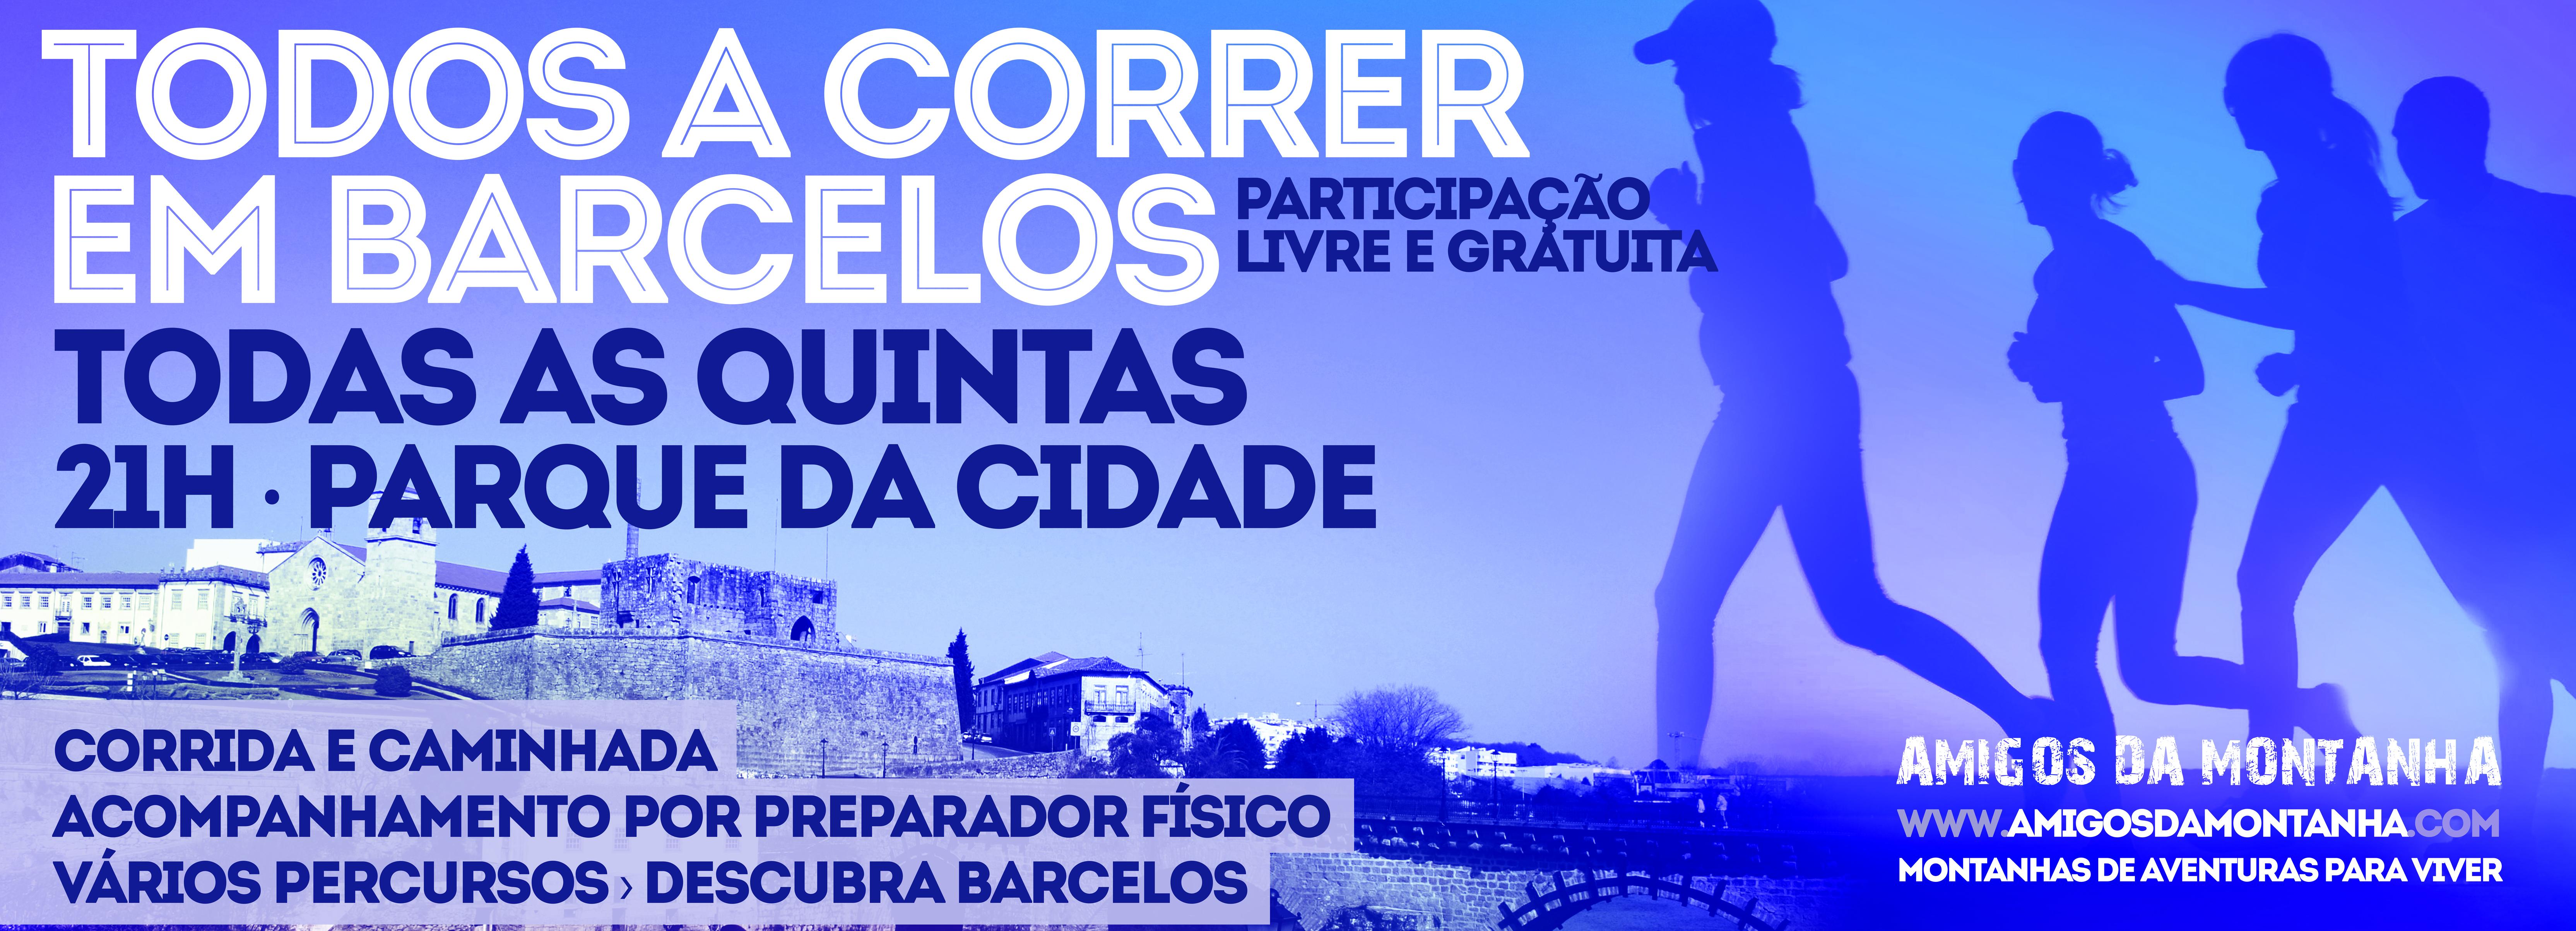 """Amigos da Montanha promovem às quintas feiras """"Todos a Correr em Barcelos"""""""